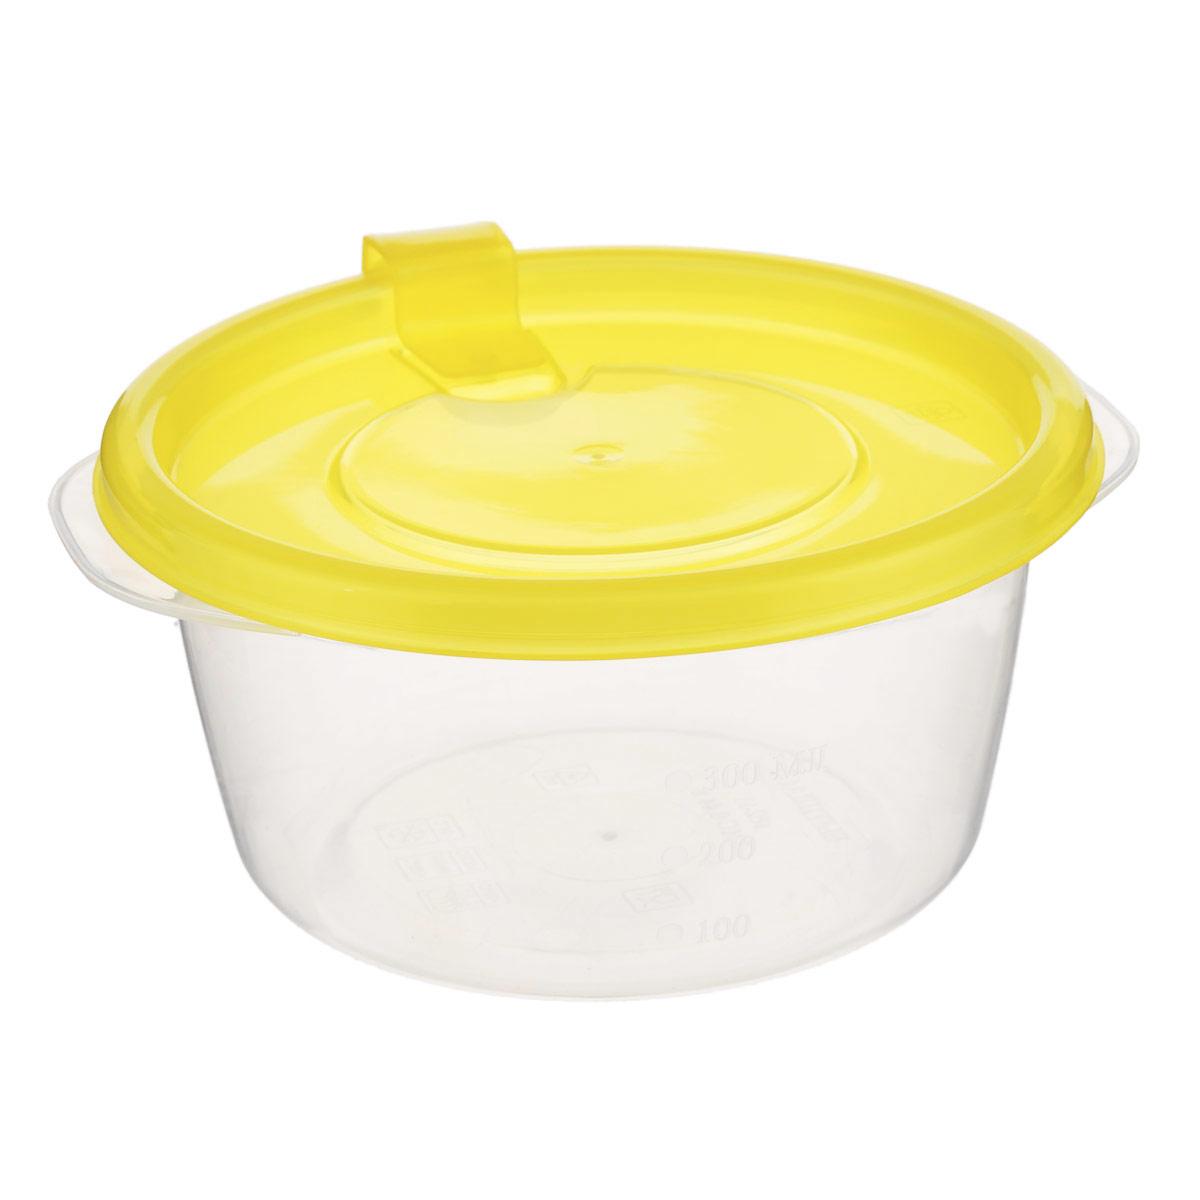 Контейнер Phibo Фрэш, цвет: прозрачный, желтый, 0,44 лВетерок-2 У_6 поддоновКонтейнер Phibo Фрэш выполнен из пищевого прозрачного полипропилена, без содержания Бисфенола А. Внешние стенки имеют отметки литража. Крышка оснащена клапаном, благодаря которому контейнер плотно и герметично закрывается. Такой контейнер очень функционален. Его можно использовать дома для хранения пищи в холодильнике, а также для хранения разнообразных сыпучих продуктов, таких как кофе, крупы, соль, сахар. Контейнер также удобно брать с собой на работу, учебу или в поездку. Можно использовать в микроволновой печи только для разогрева пищи и с открытым клапаном при температуре до +100°С. Подходит для заморозки пищи (минимальная температура -24°С). Можно мыть в посудомоечной машине. Диаметр контейнера (по верхнему краю): 12 см. Высота стенки: 6,5 см.